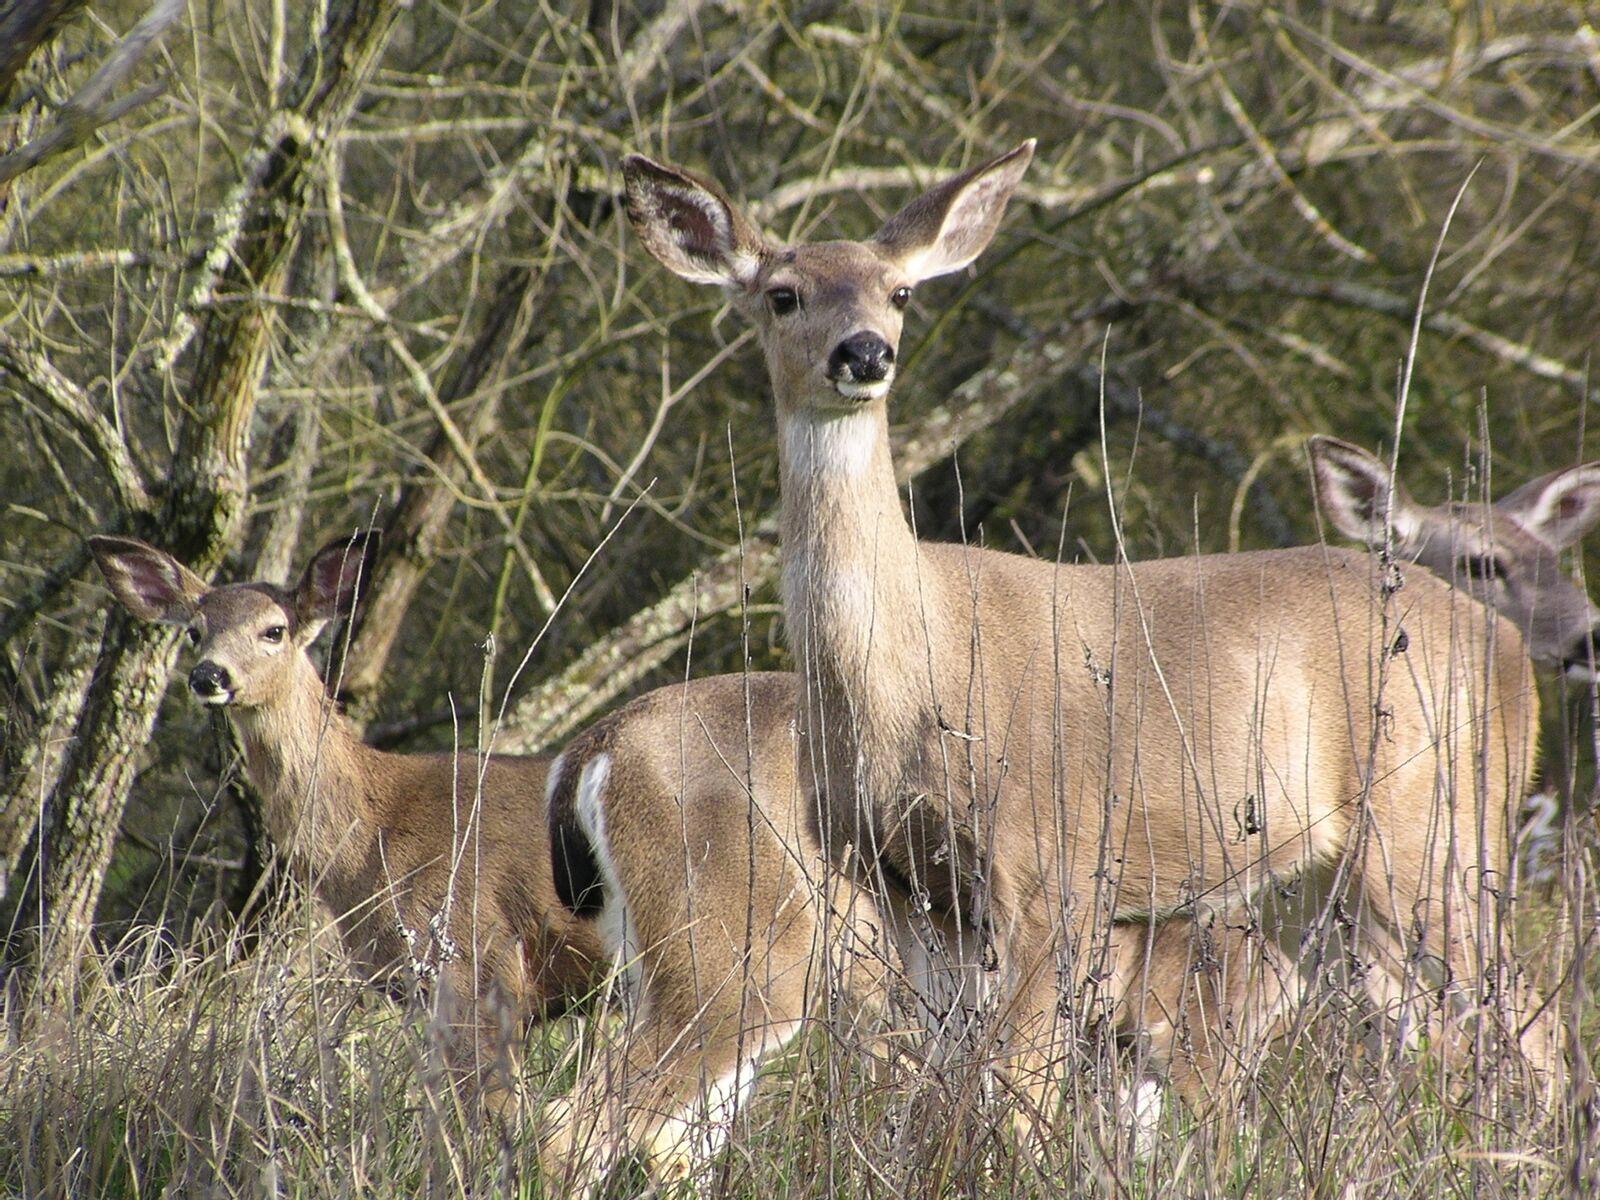 Deer on the American River Parkway